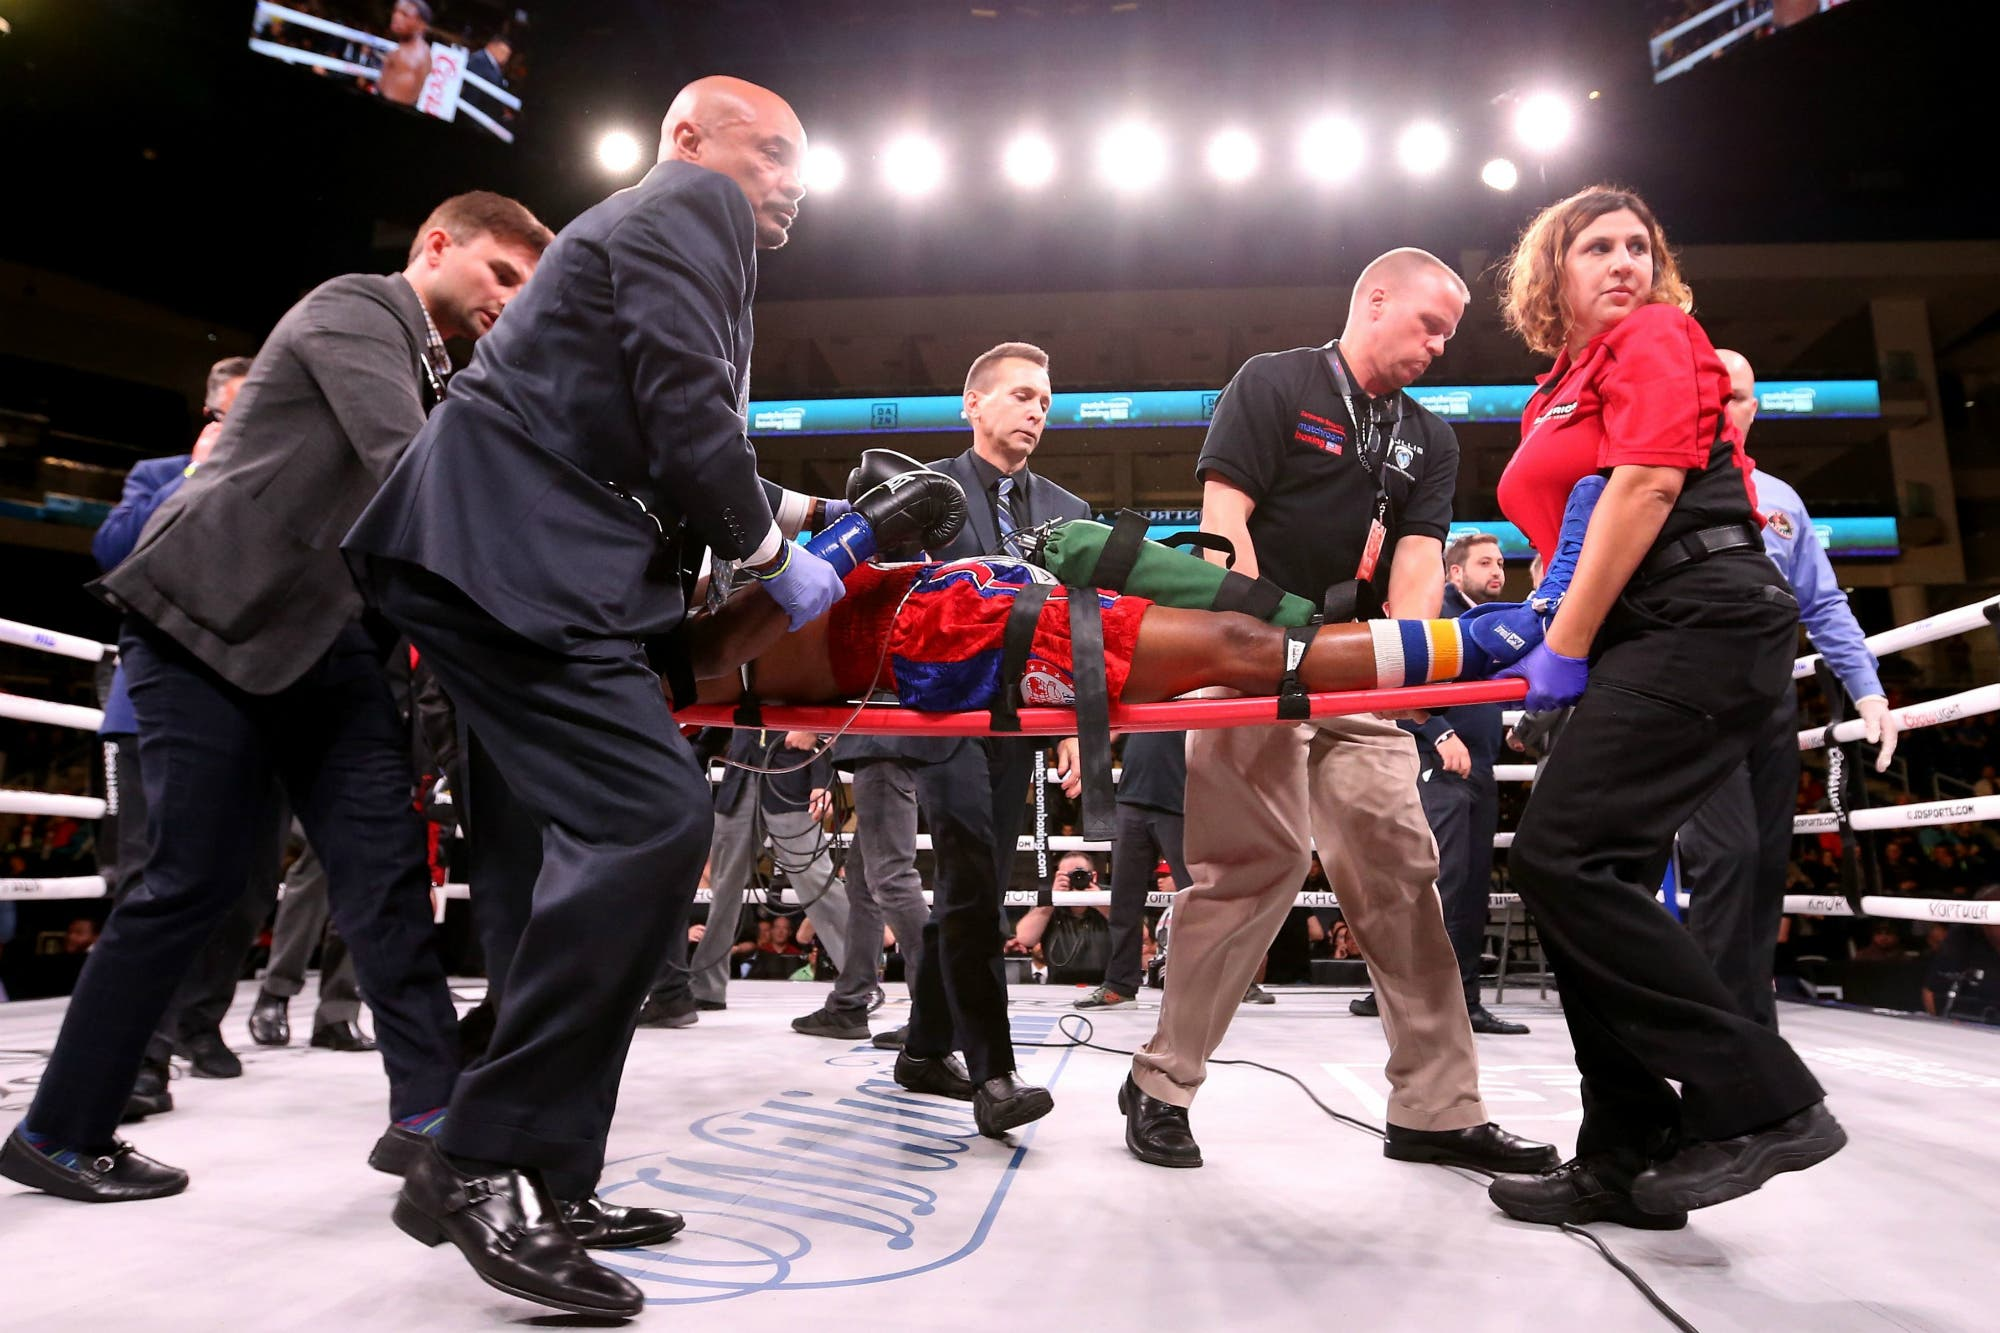 Falleció Patrick Day, el boxeador que había quedado en estado crítico tras recibir un brutal KO